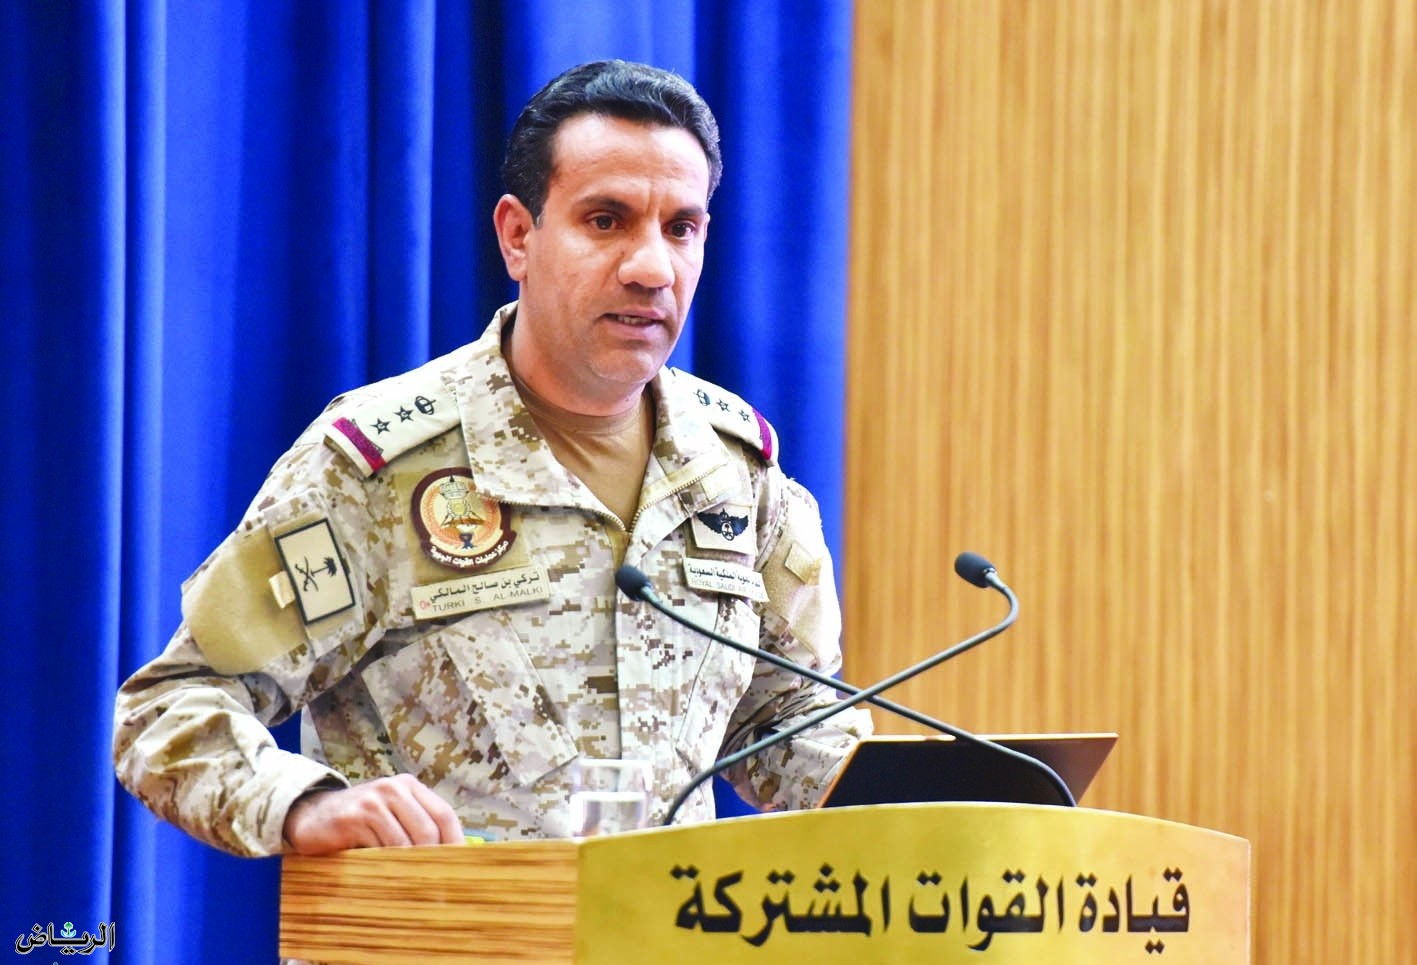 Мы поддерживаем решение правительства Йемена принять призыв генсека ООН о прекращении огня в Йемене